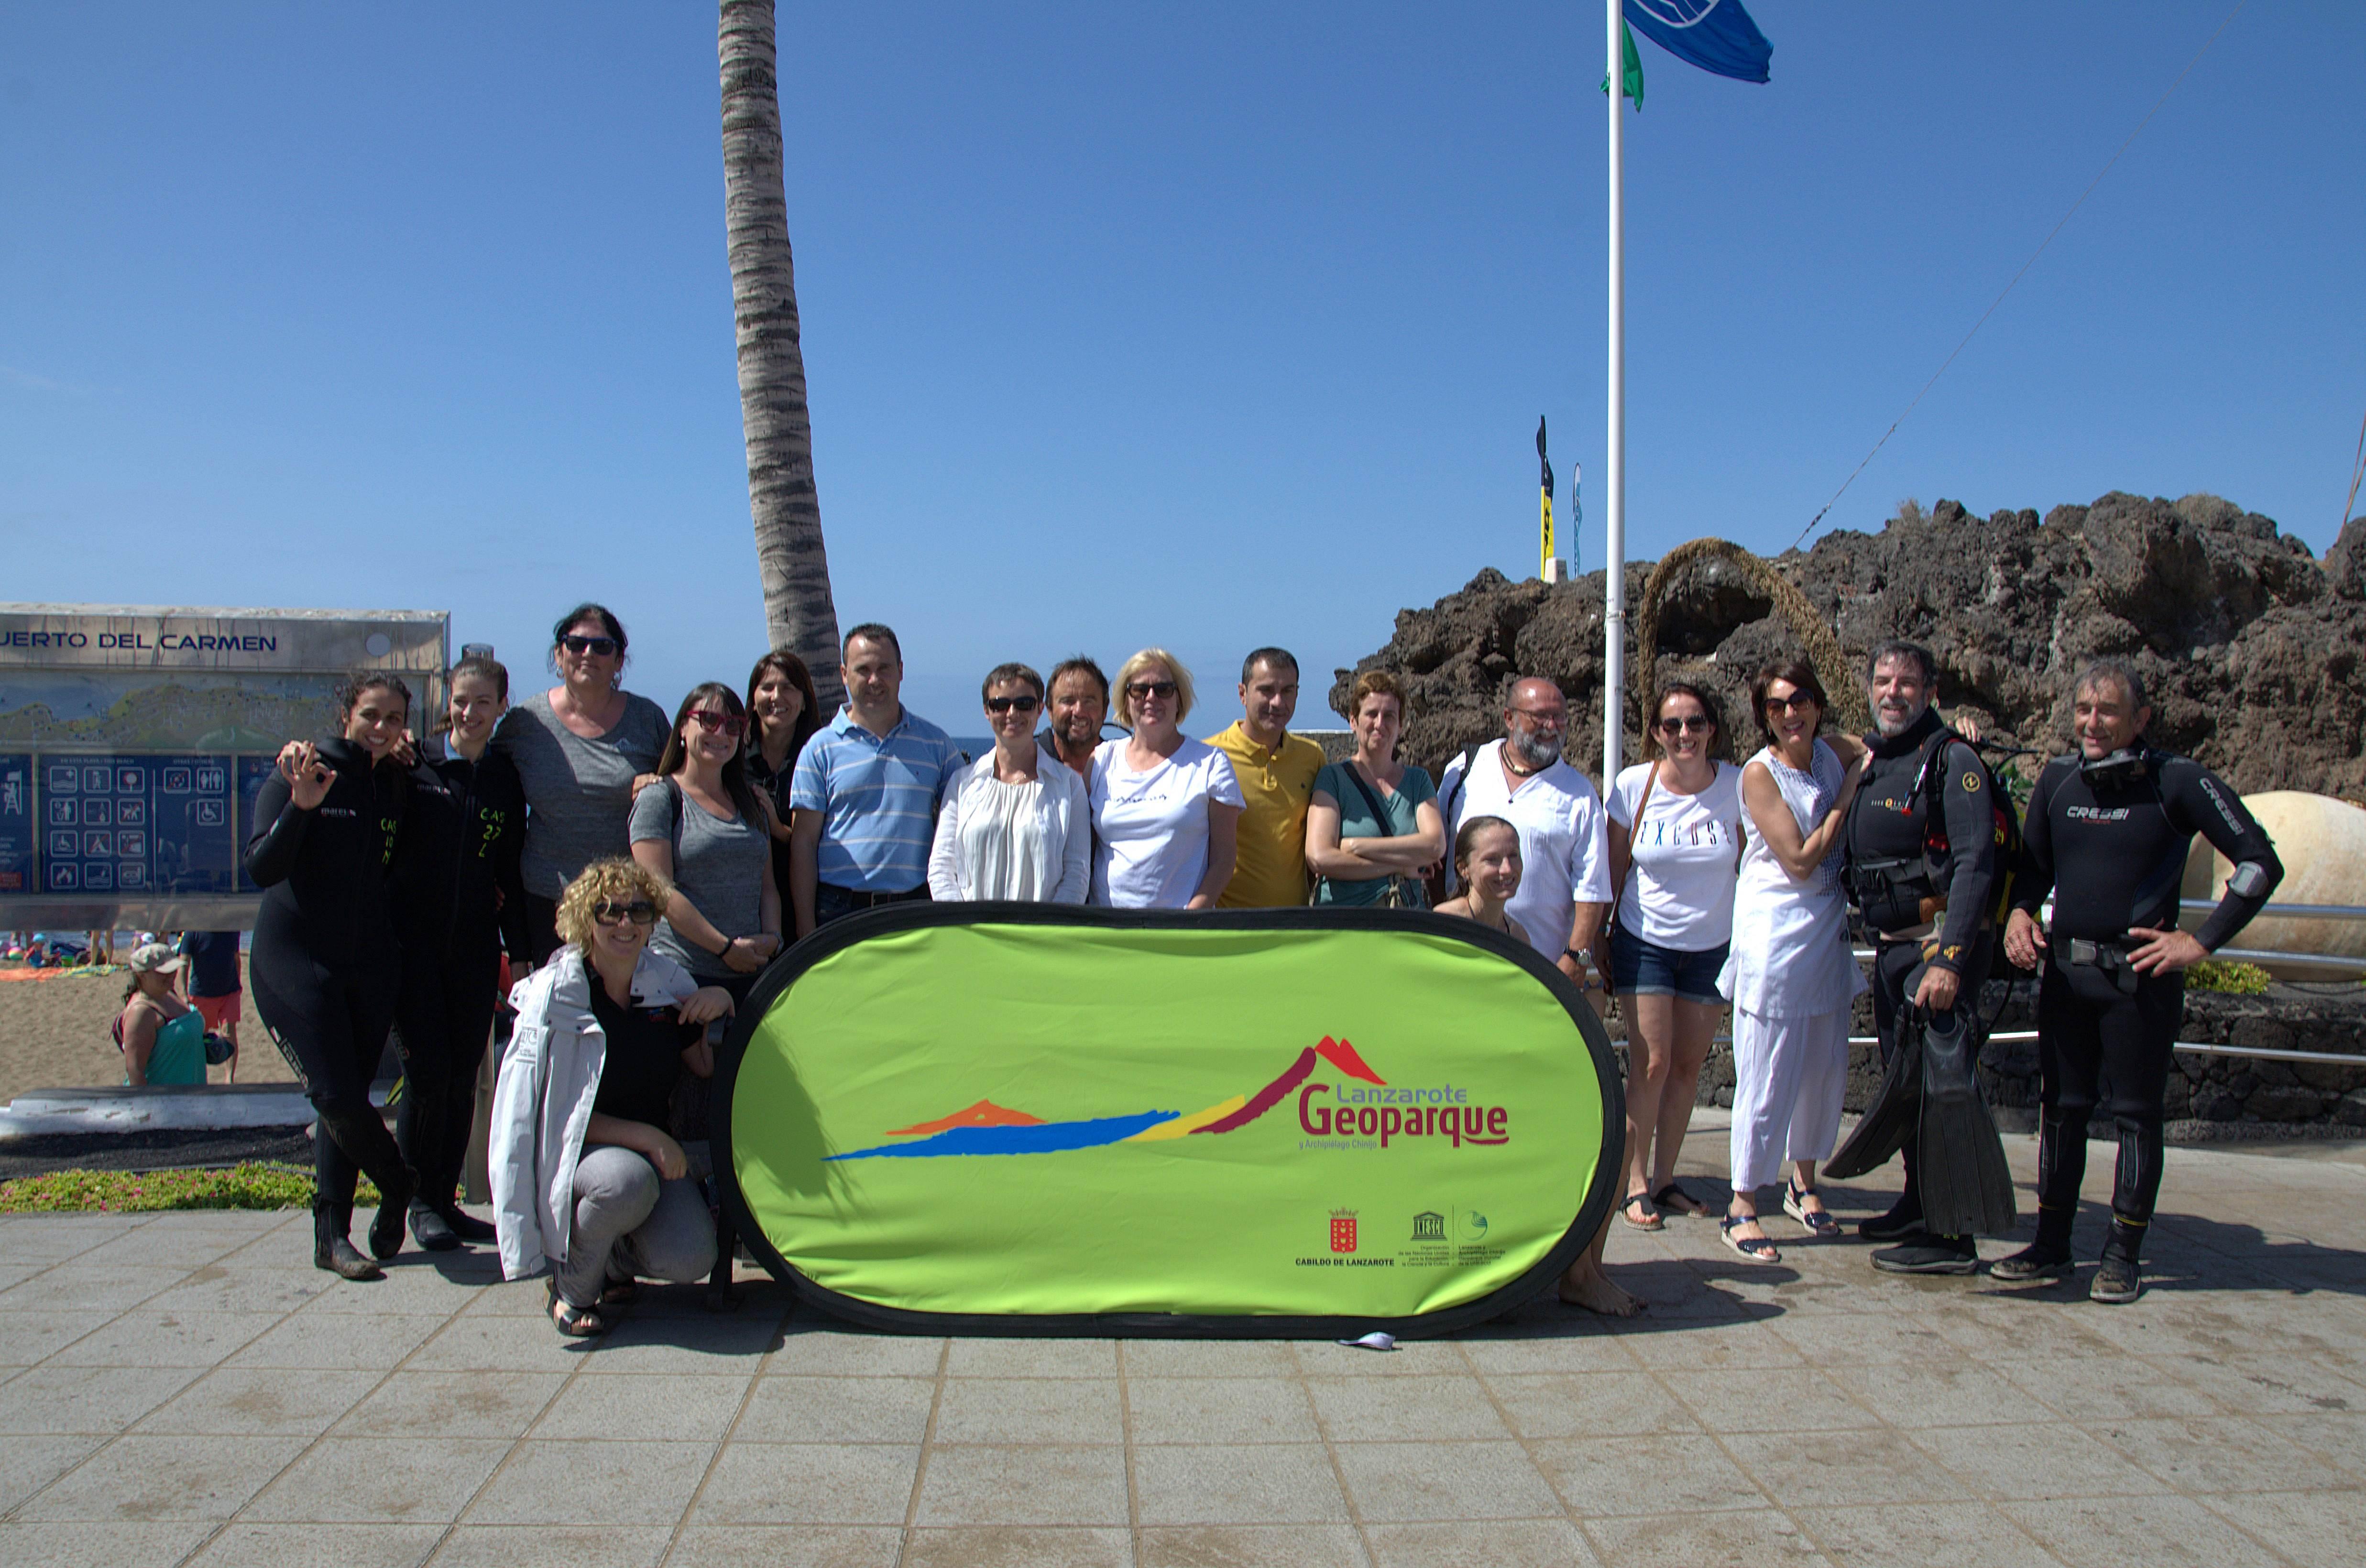 La Playa Chica de Puerto del Carmen recibe la visita de dos especialistas de la Red Global de Geoparques de la UNESCO para evaluar el estado acuático, en el transcurso de una actividad subacuática